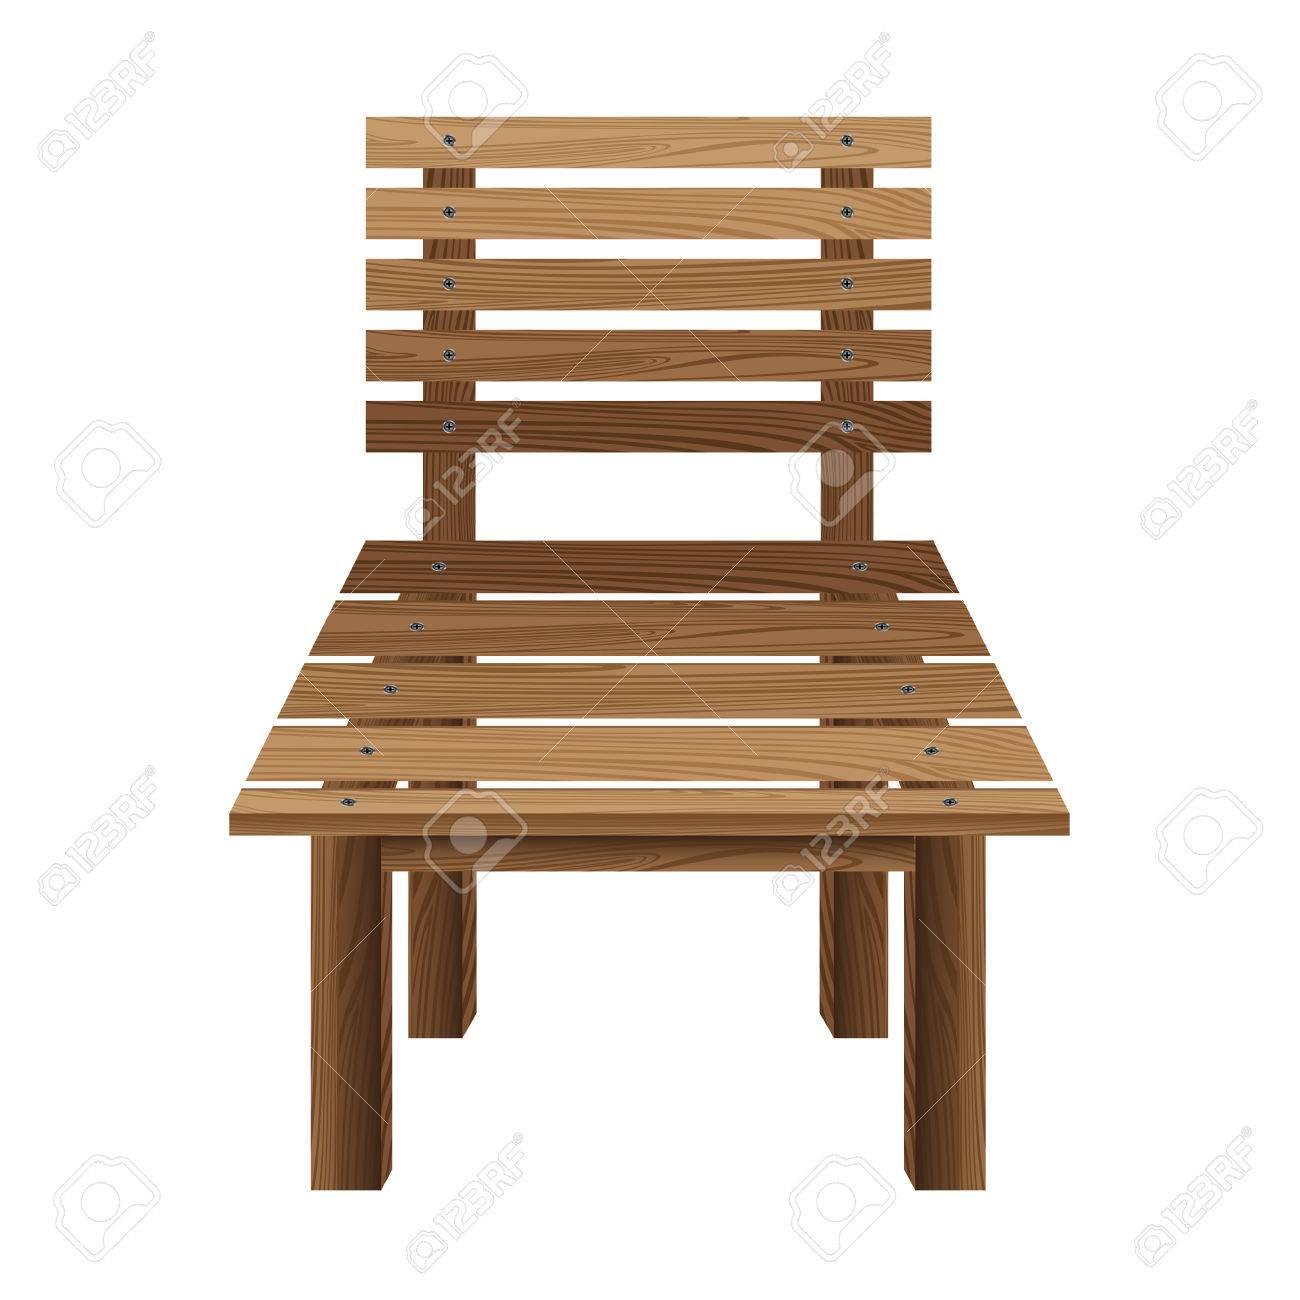 Sedie di legno su uno sfondo bianco. Mobili di legno.